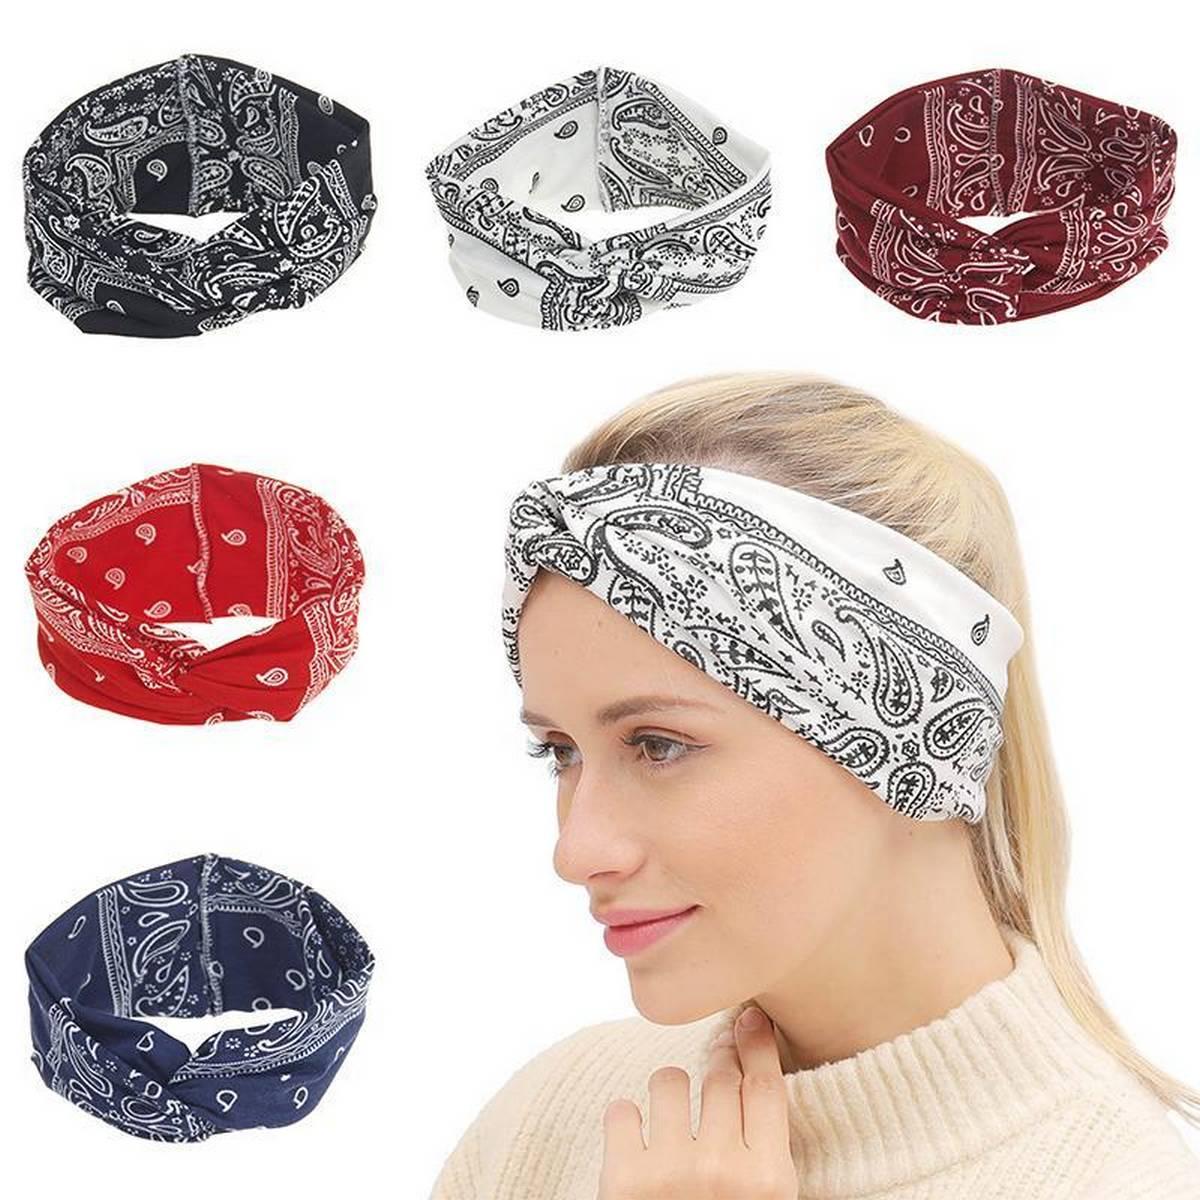 Pack of 6 - Bohemian Ethnic Style Unisex Bandana Headband